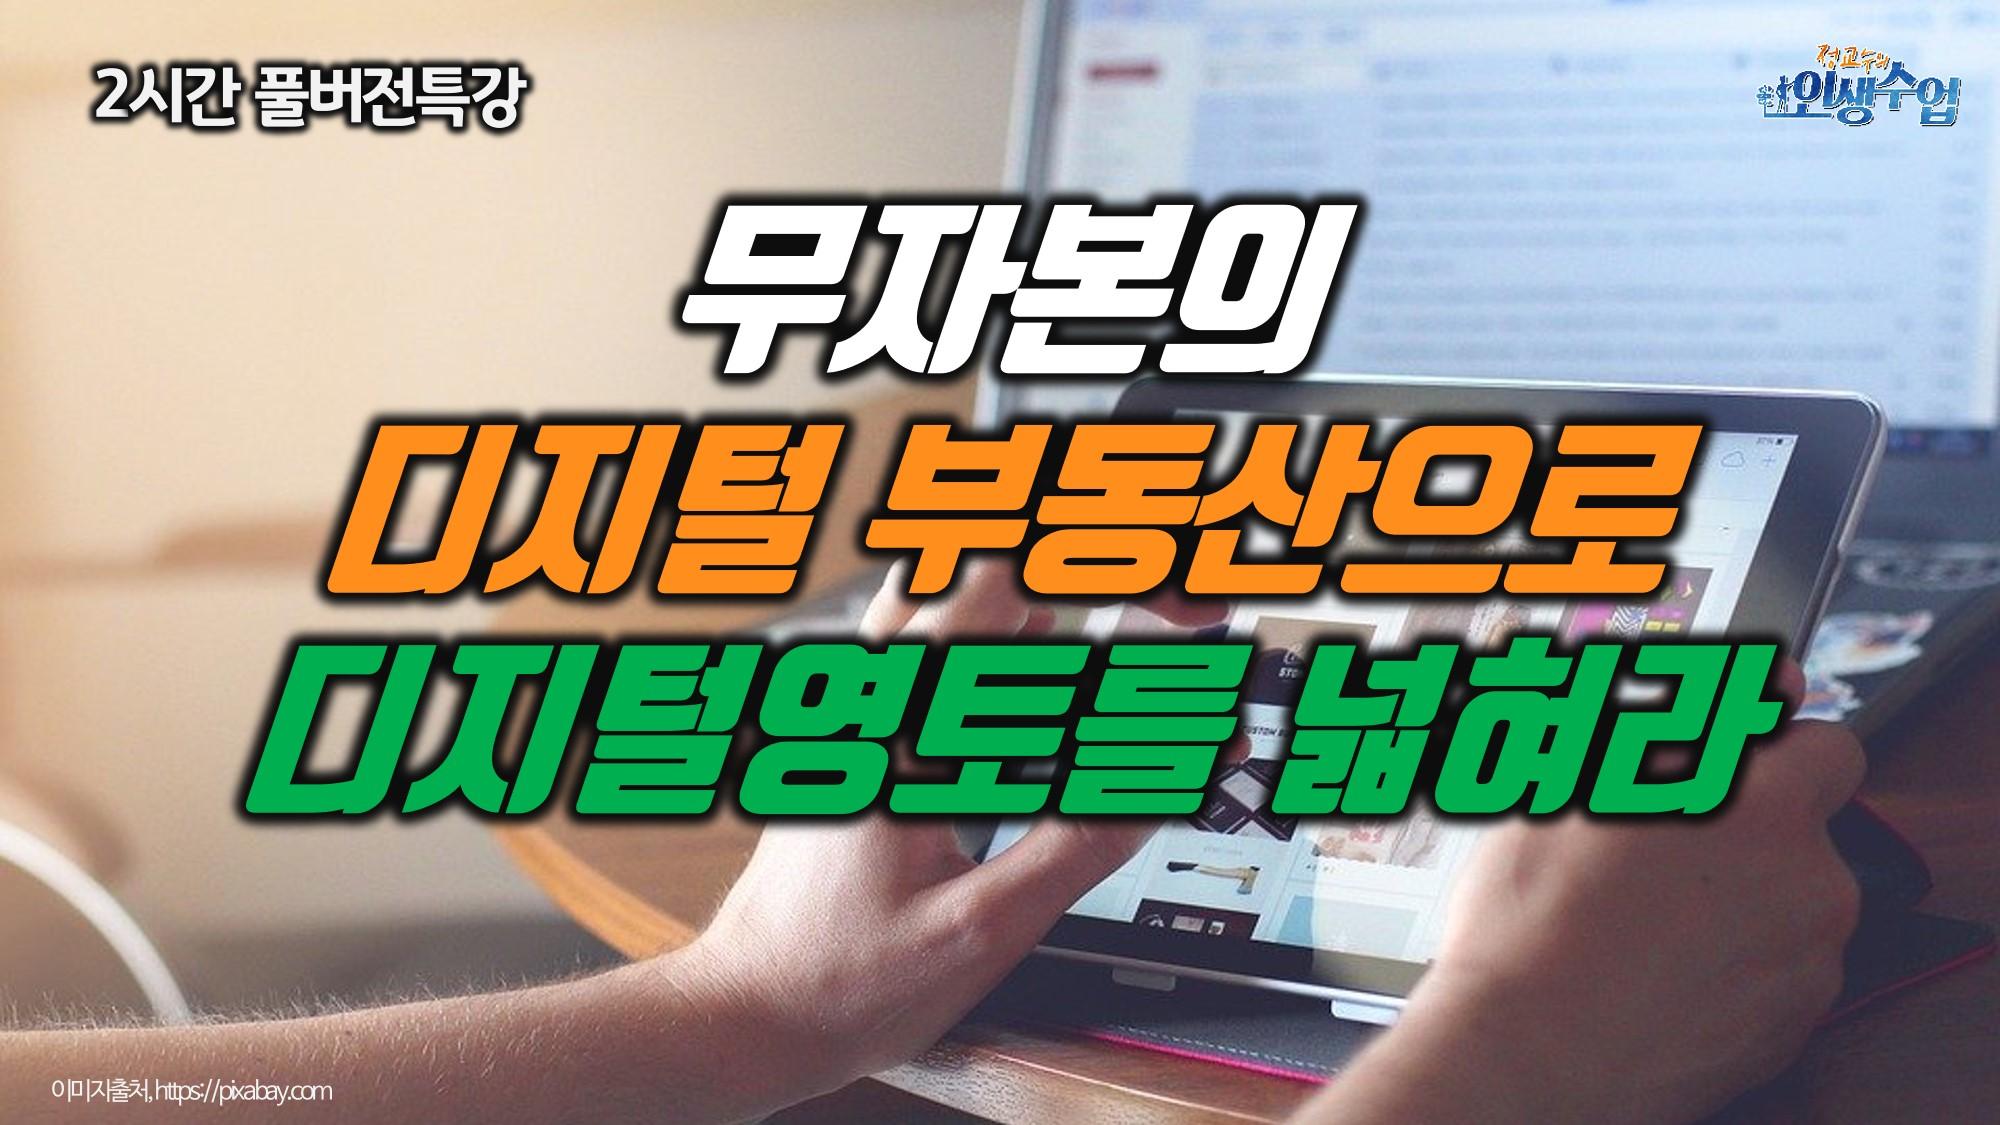 2시간풀버전특강 무료공개)무자본의 디지털 부동산으로 디지털영토를 넓혀라